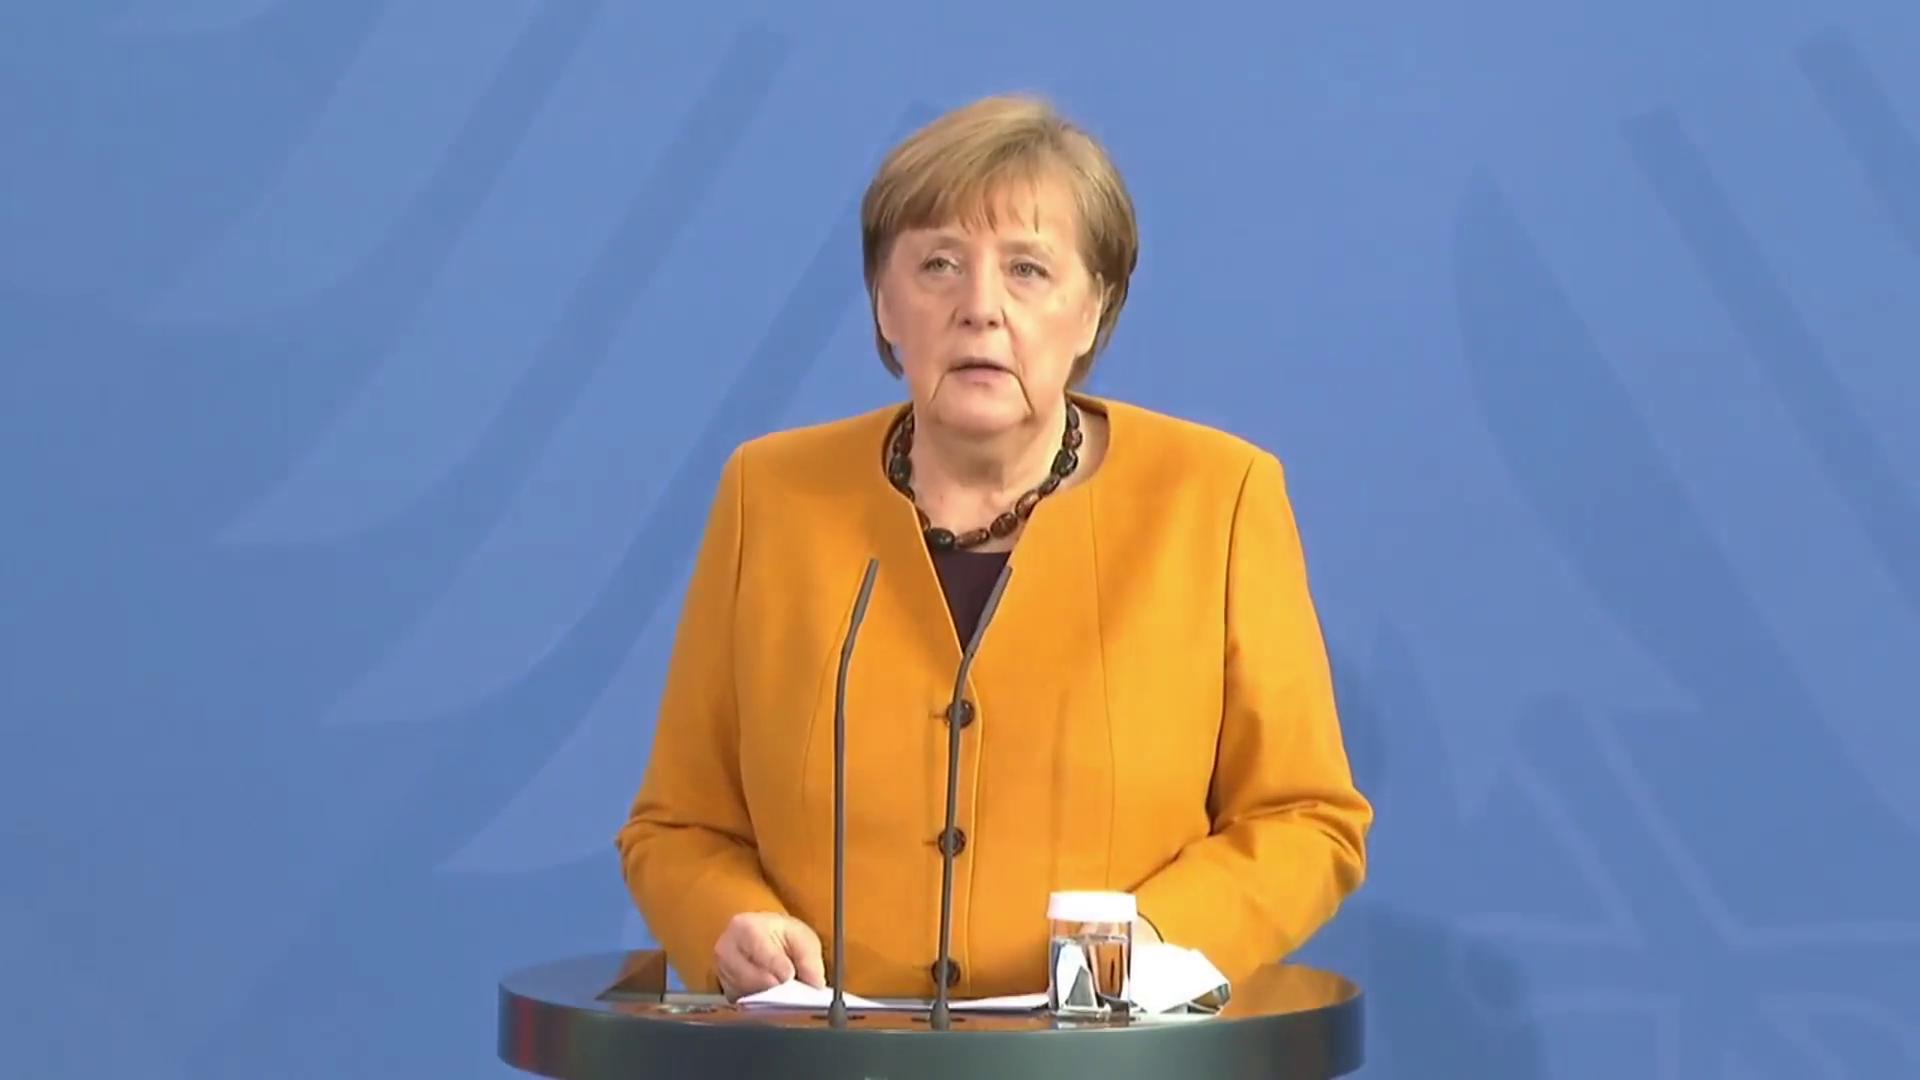 """""""Einzig und allein mein Fehler"""" – Merkel stoppt Corona-Beschluss zu Oster-Ruhetagen am Gründonnerstag und Karsamstag"""